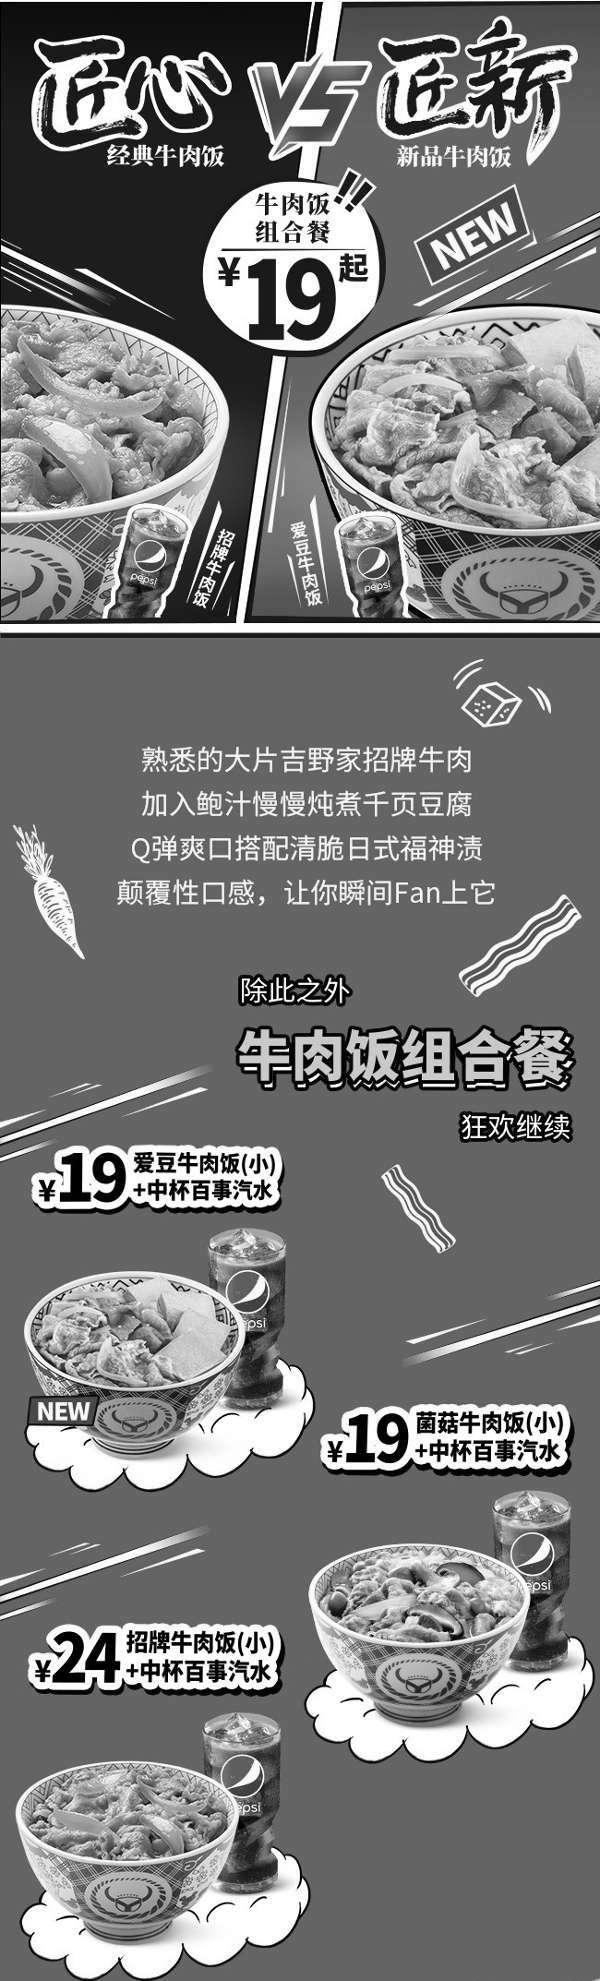 黑白优惠券图片:吉野家牛肉饭组合餐限时优惠19元起 - www.5ikfc.com